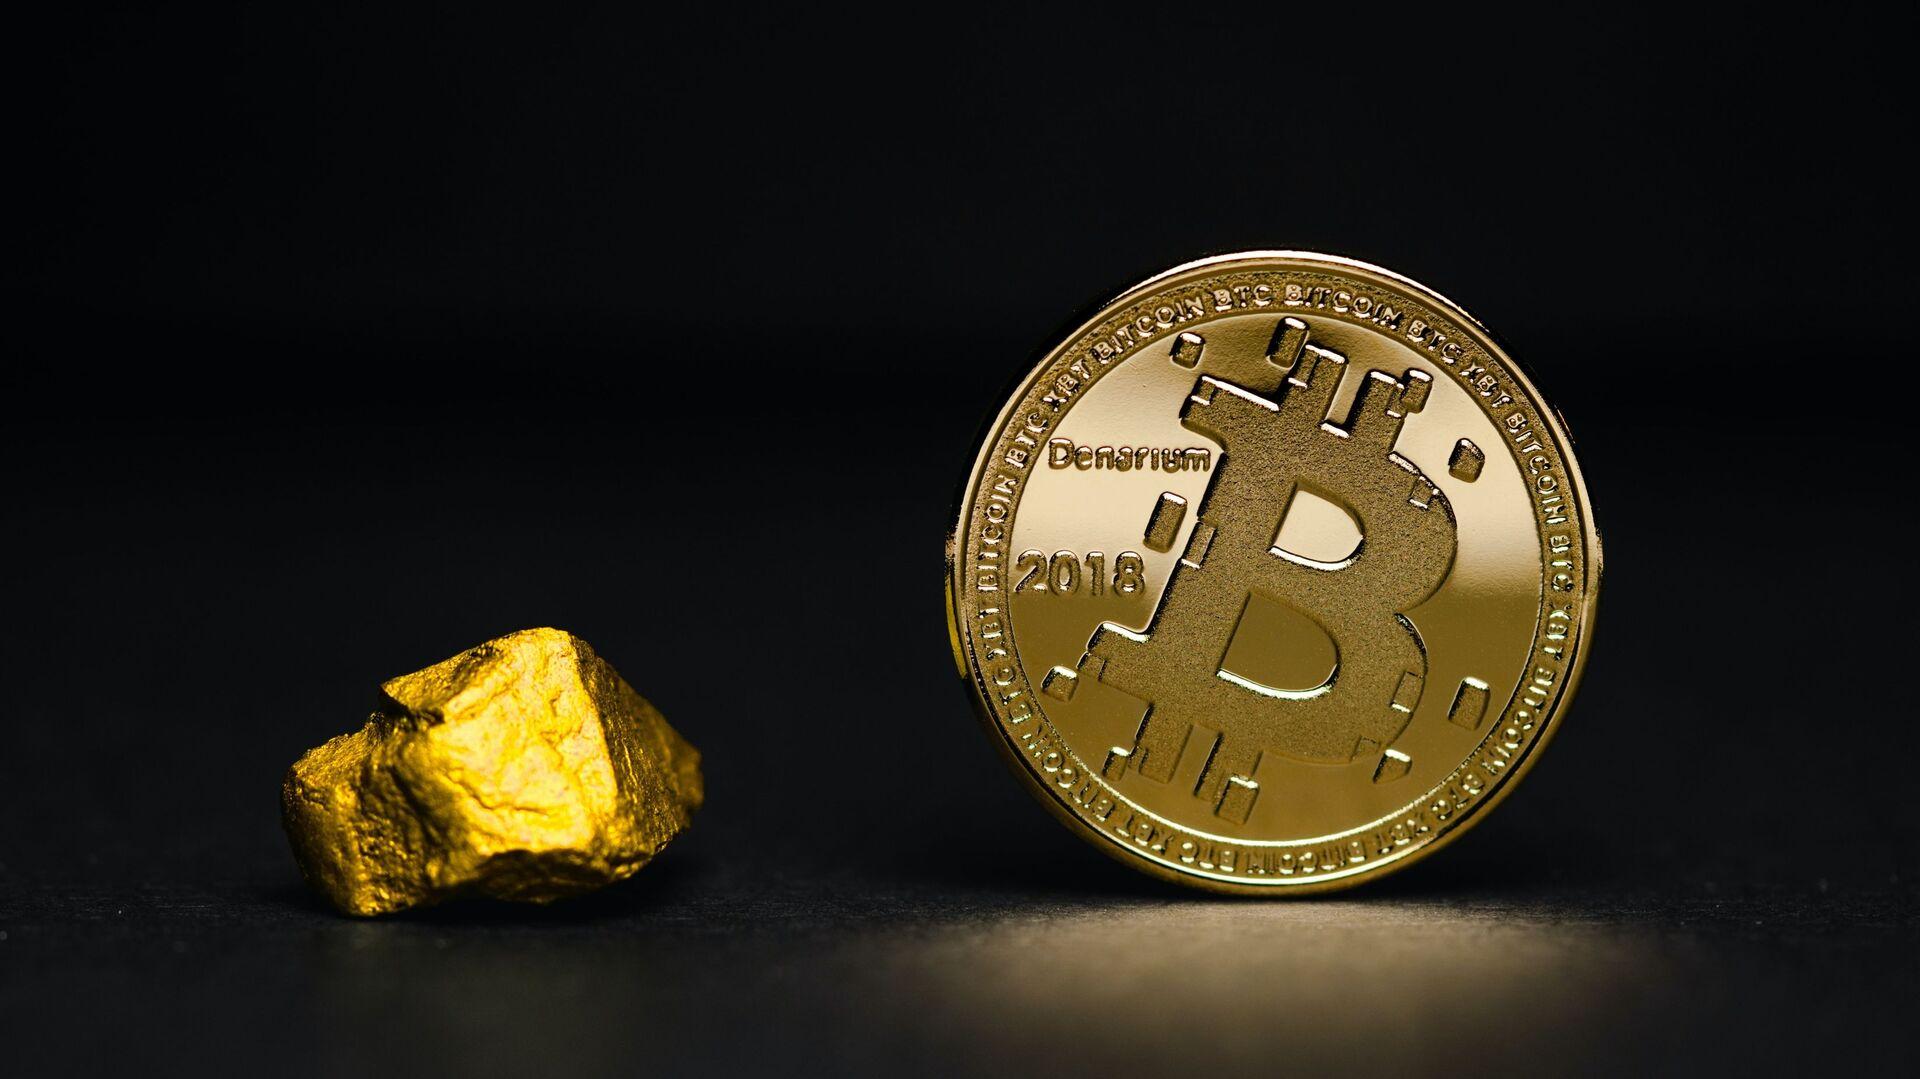 Una pepita de oro y un bitcoin (imagen referencial) - Sputnik Mundo, 1920, 19.02.2021